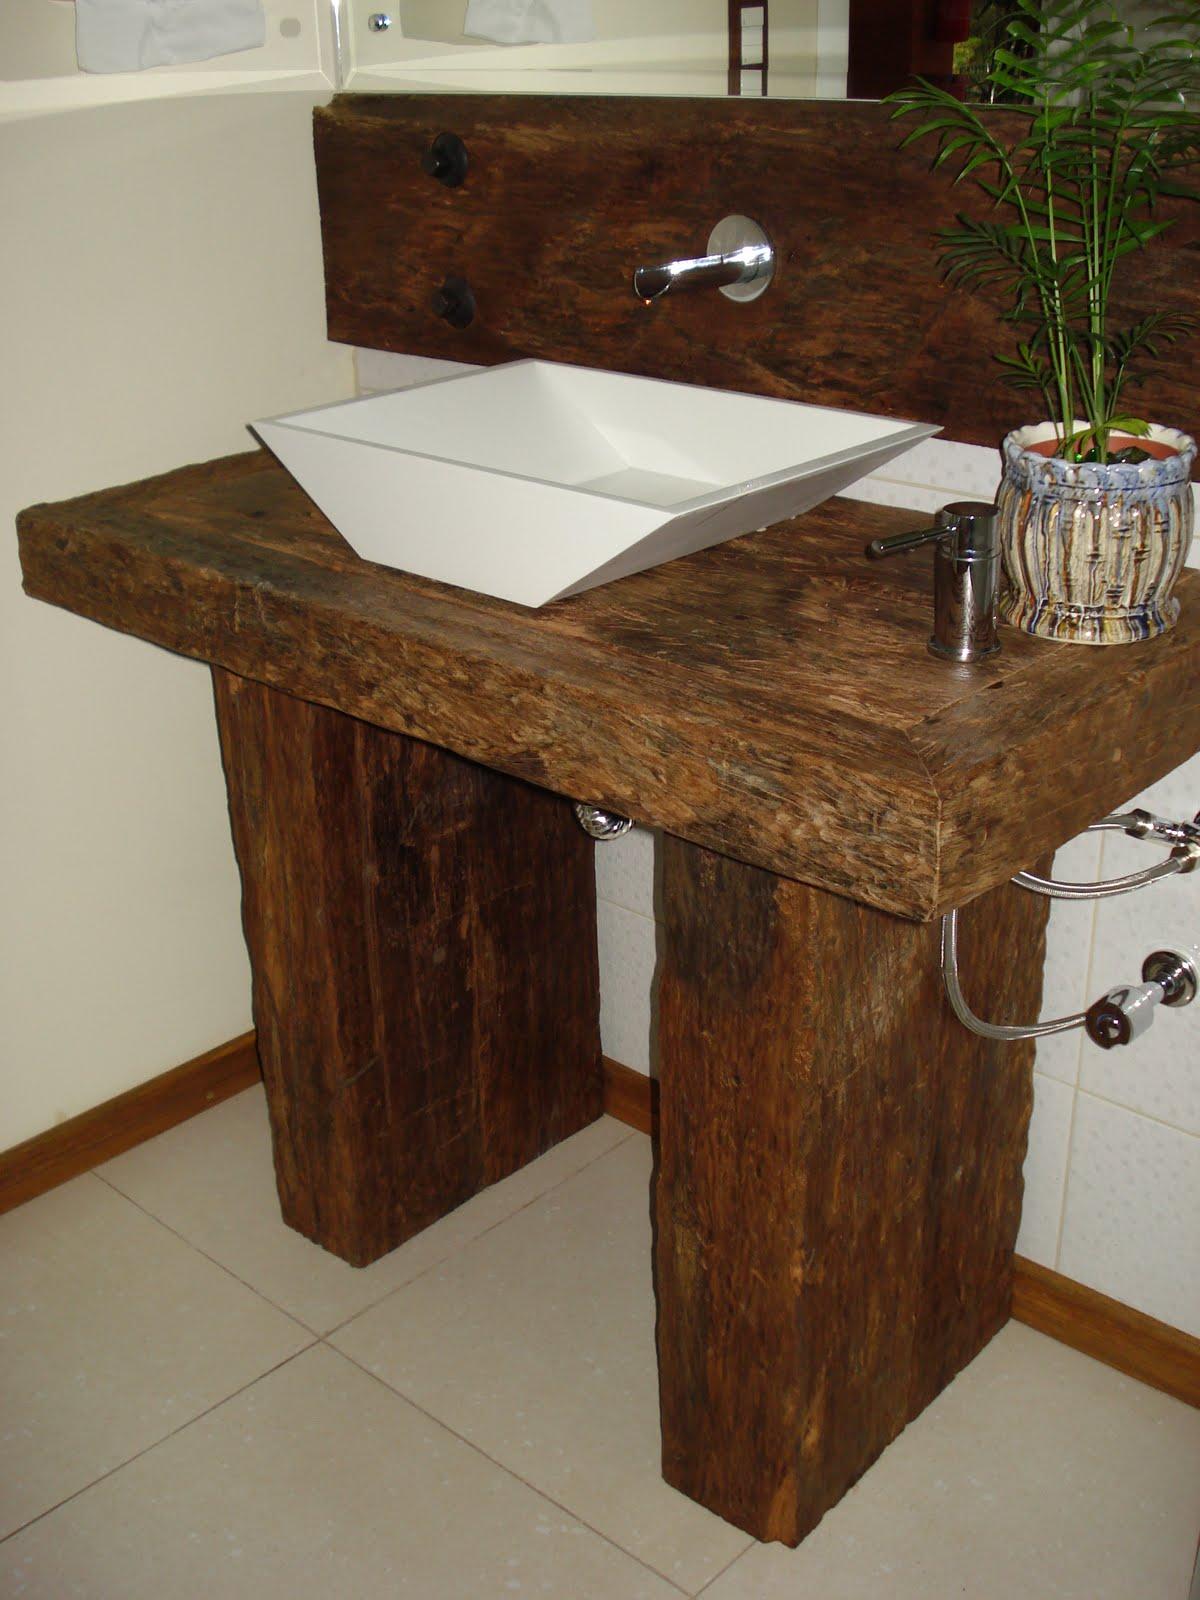 for fácil conseguir madeira que tal essa pranchas brutas de madeira #3C2414 1200x1600